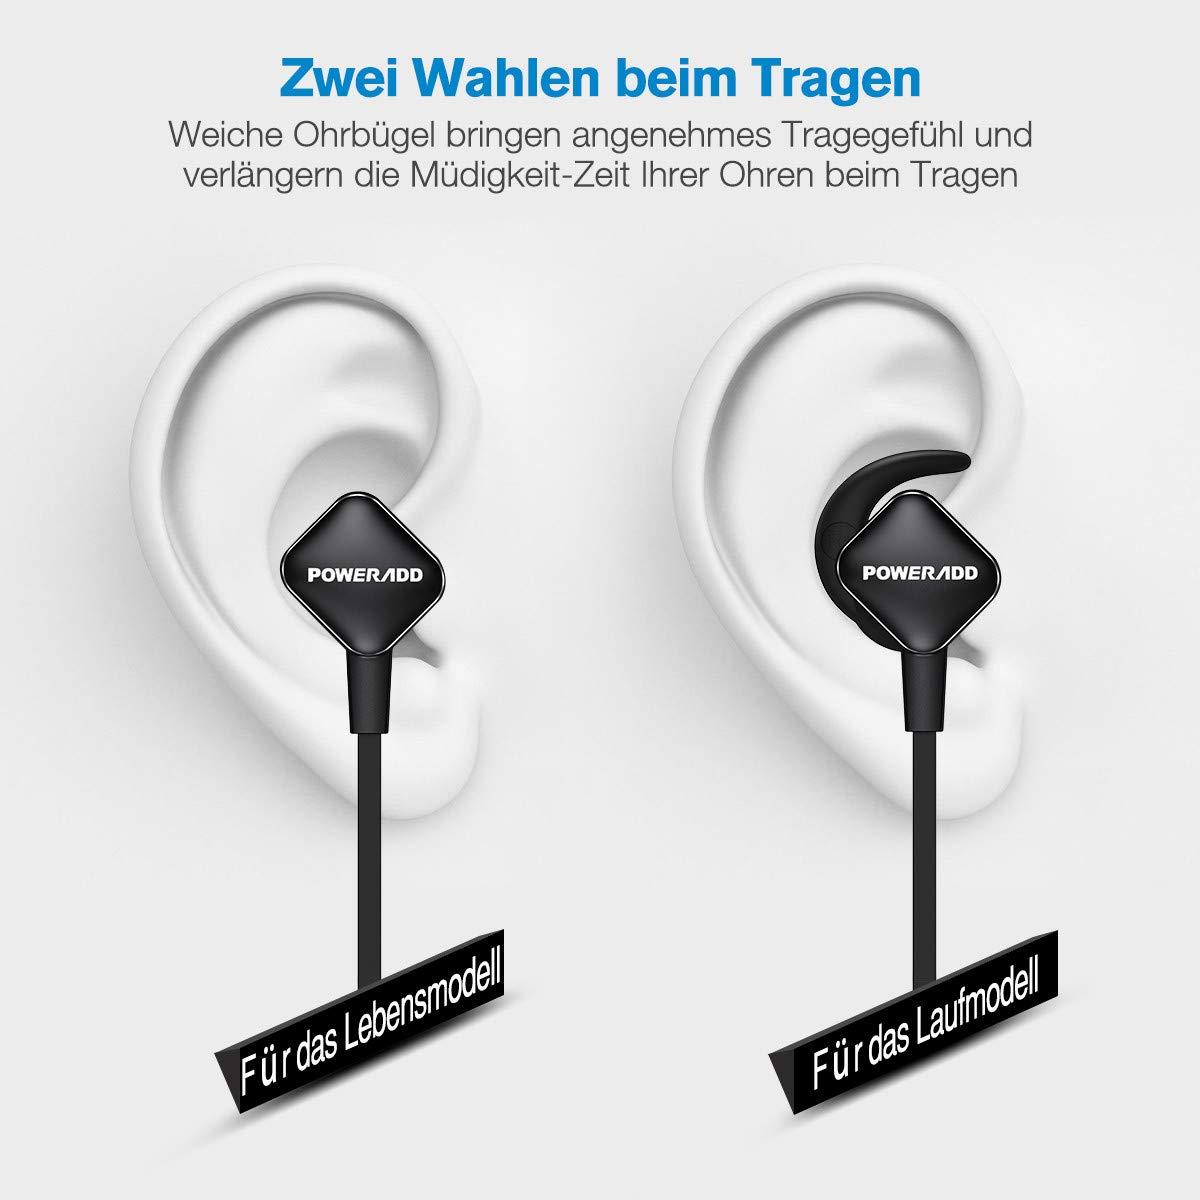 POWERADD Bluetooth Kopfhörer Sport Kopfhörer Bluetooth 4.1 leicht Wireless Ohrhörer wasserdicht IPX4 mit Mikrofron für iPhone, iPad, Samsung, Huawei, HTC und weiter Bluetooth-Gerät